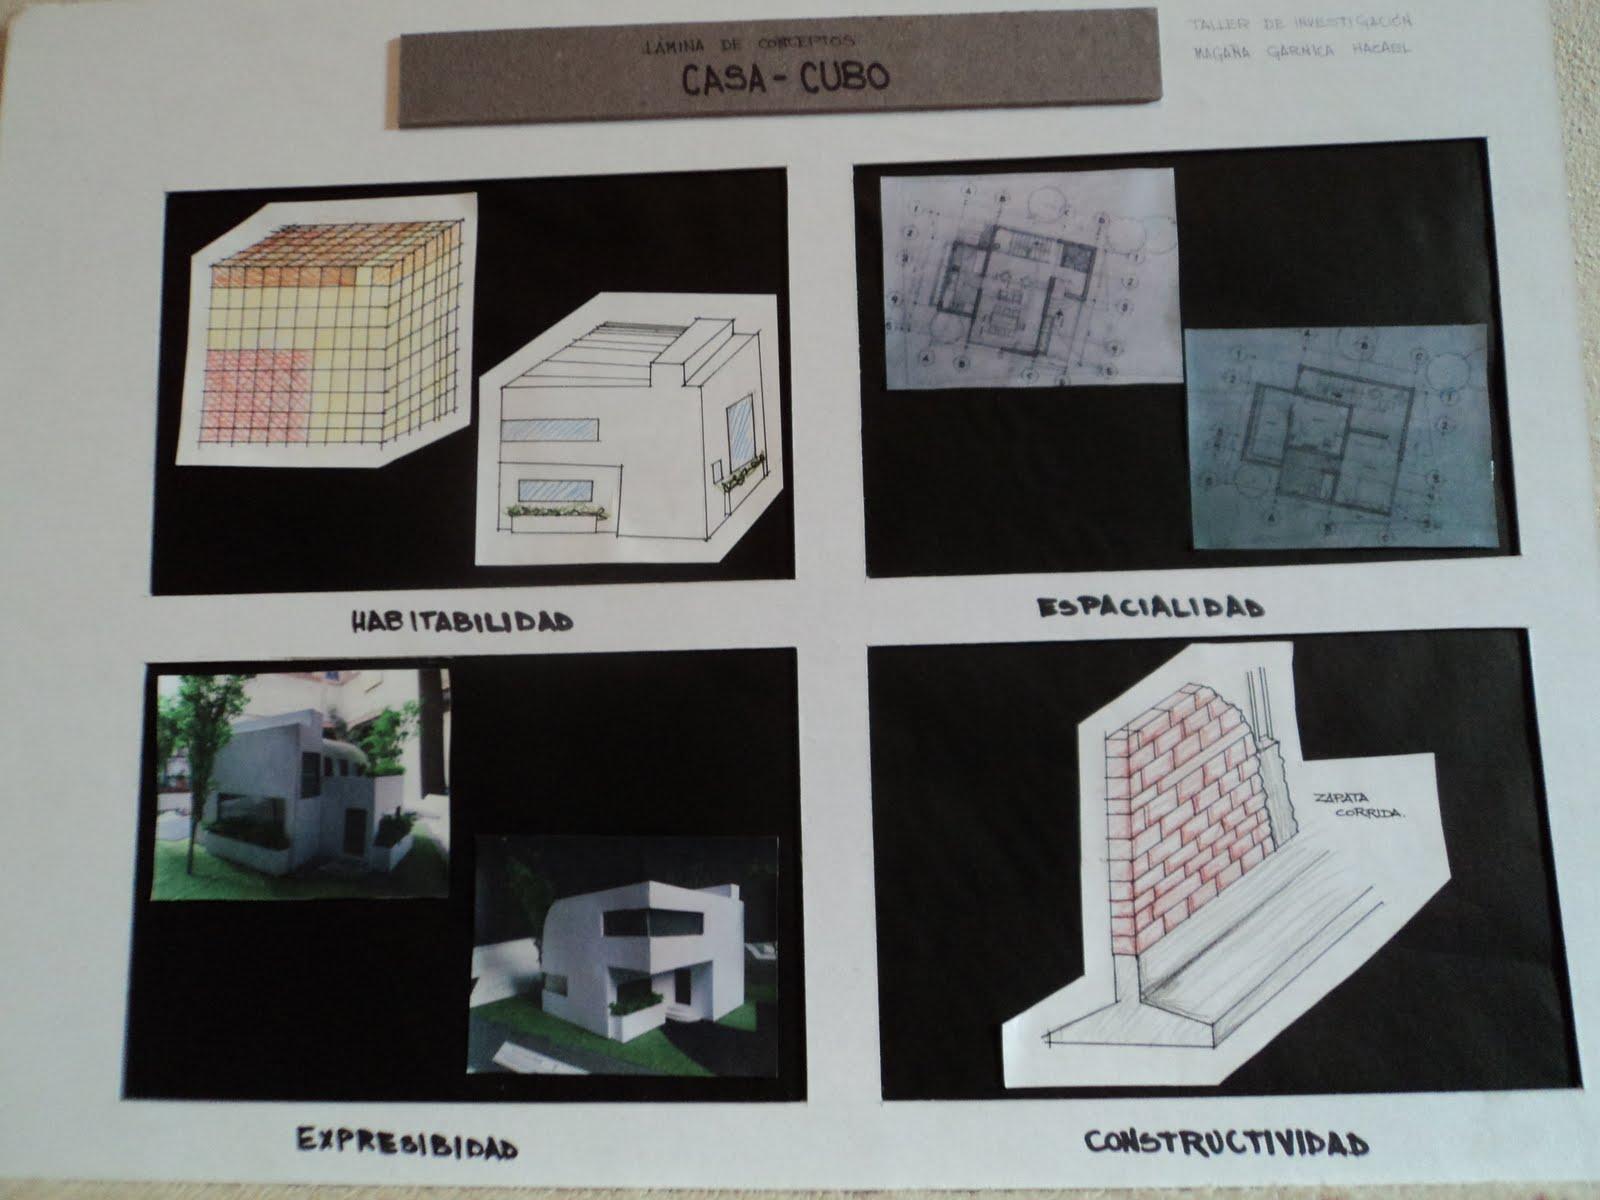 Taller de arquitectura ram n marcos noriega l minas de for El concepto de arquitectura